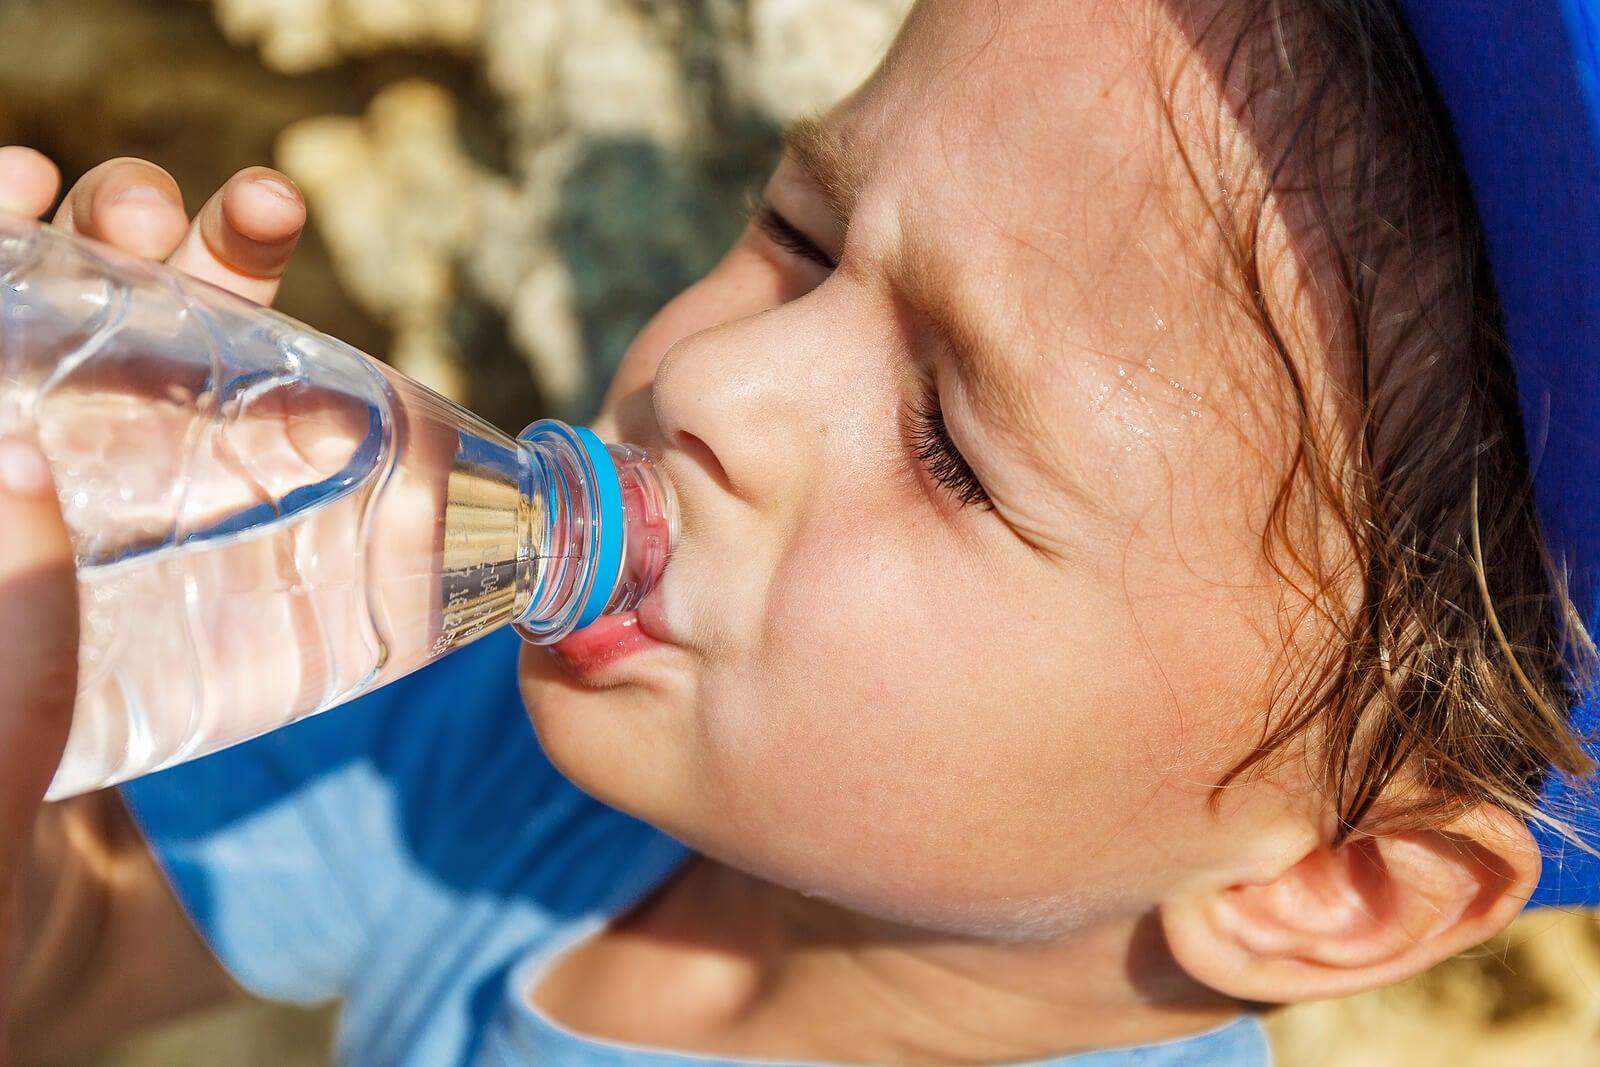 Niño bebiendo agua porque suda mucho.